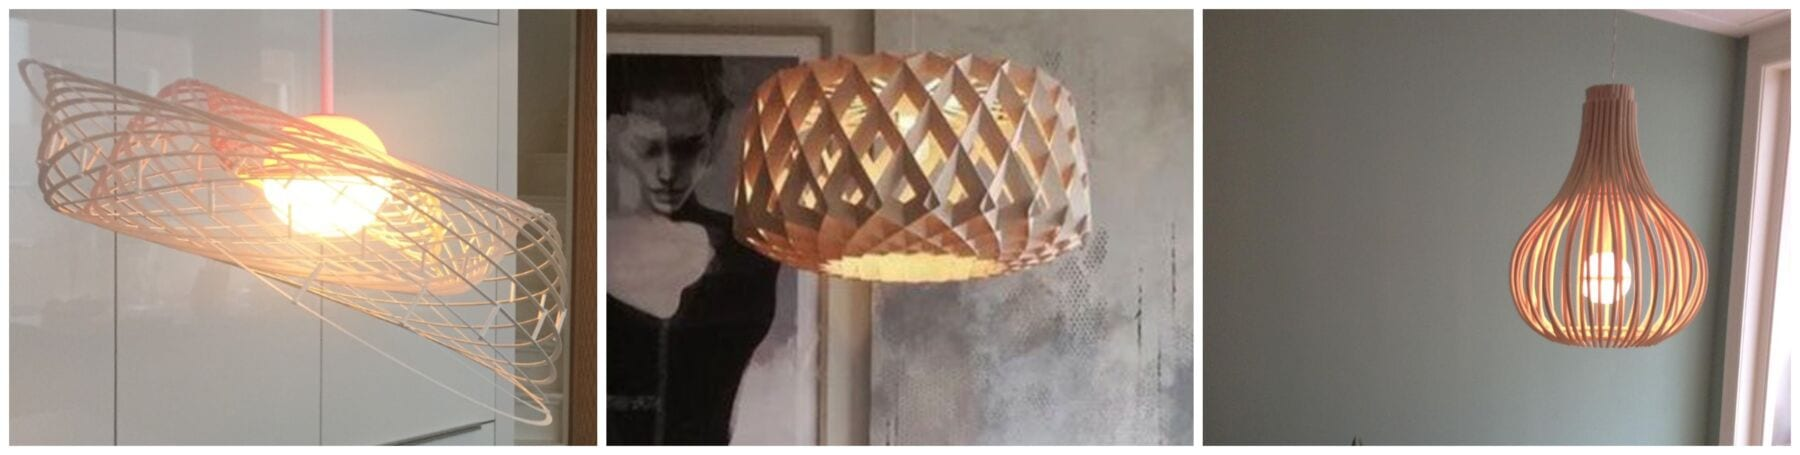 MAISON & OBJECT PARIJS lampen